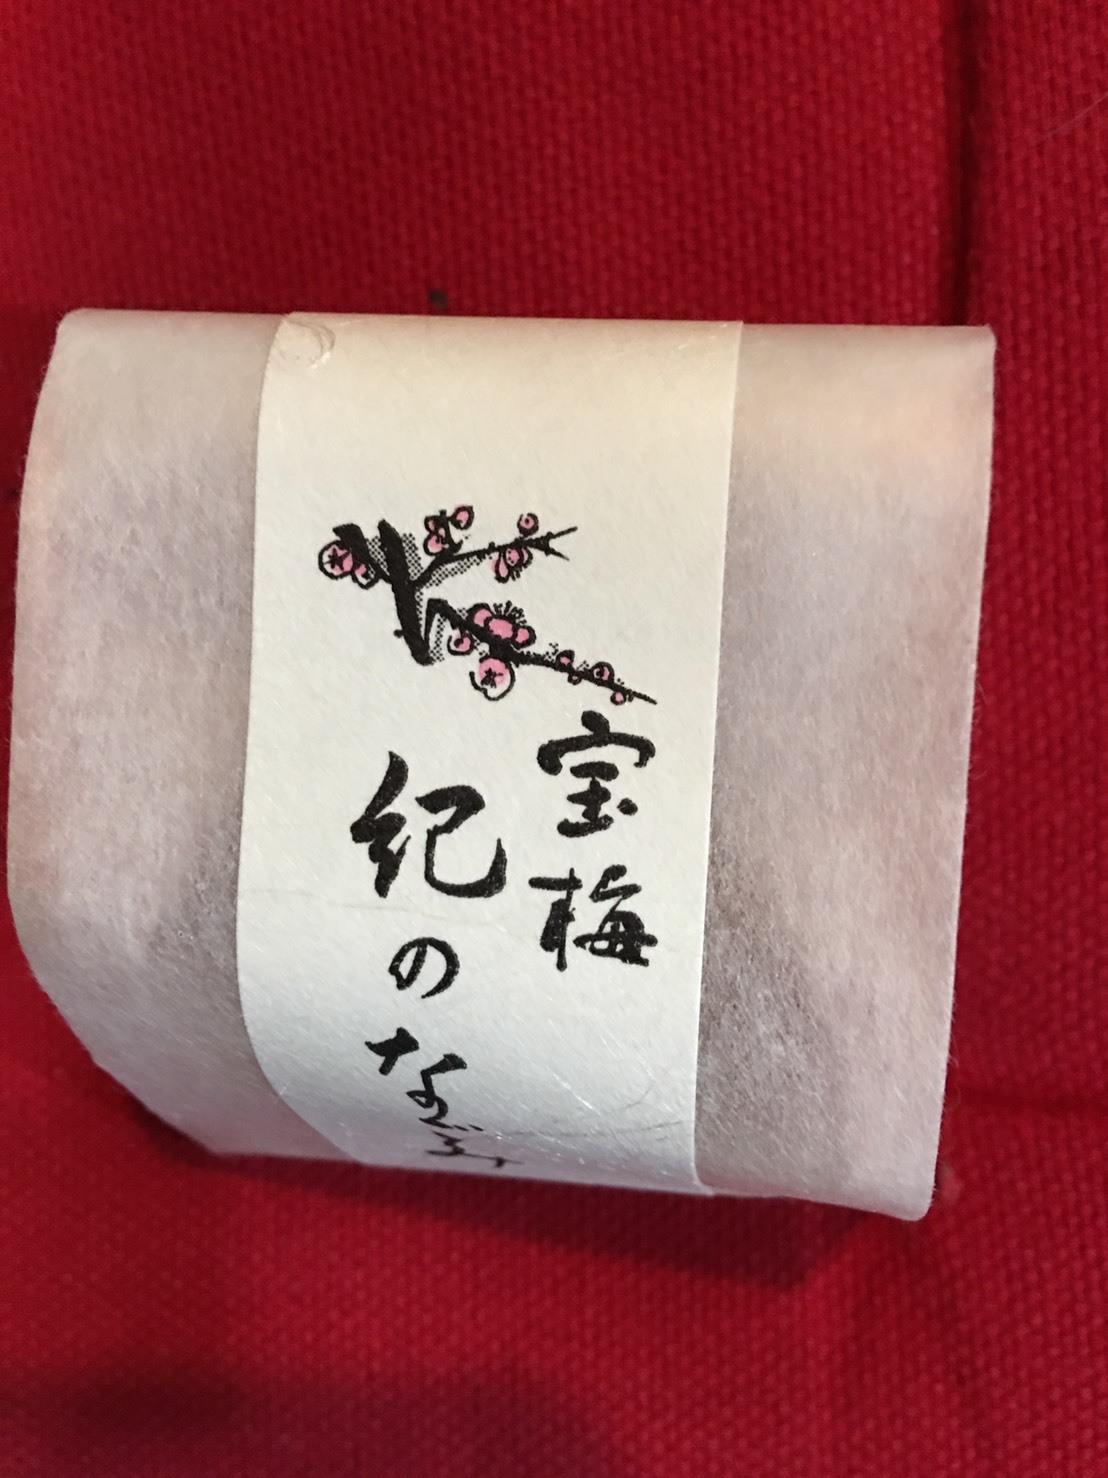 中井くんが三刀流_a0163623_15412285.jpg